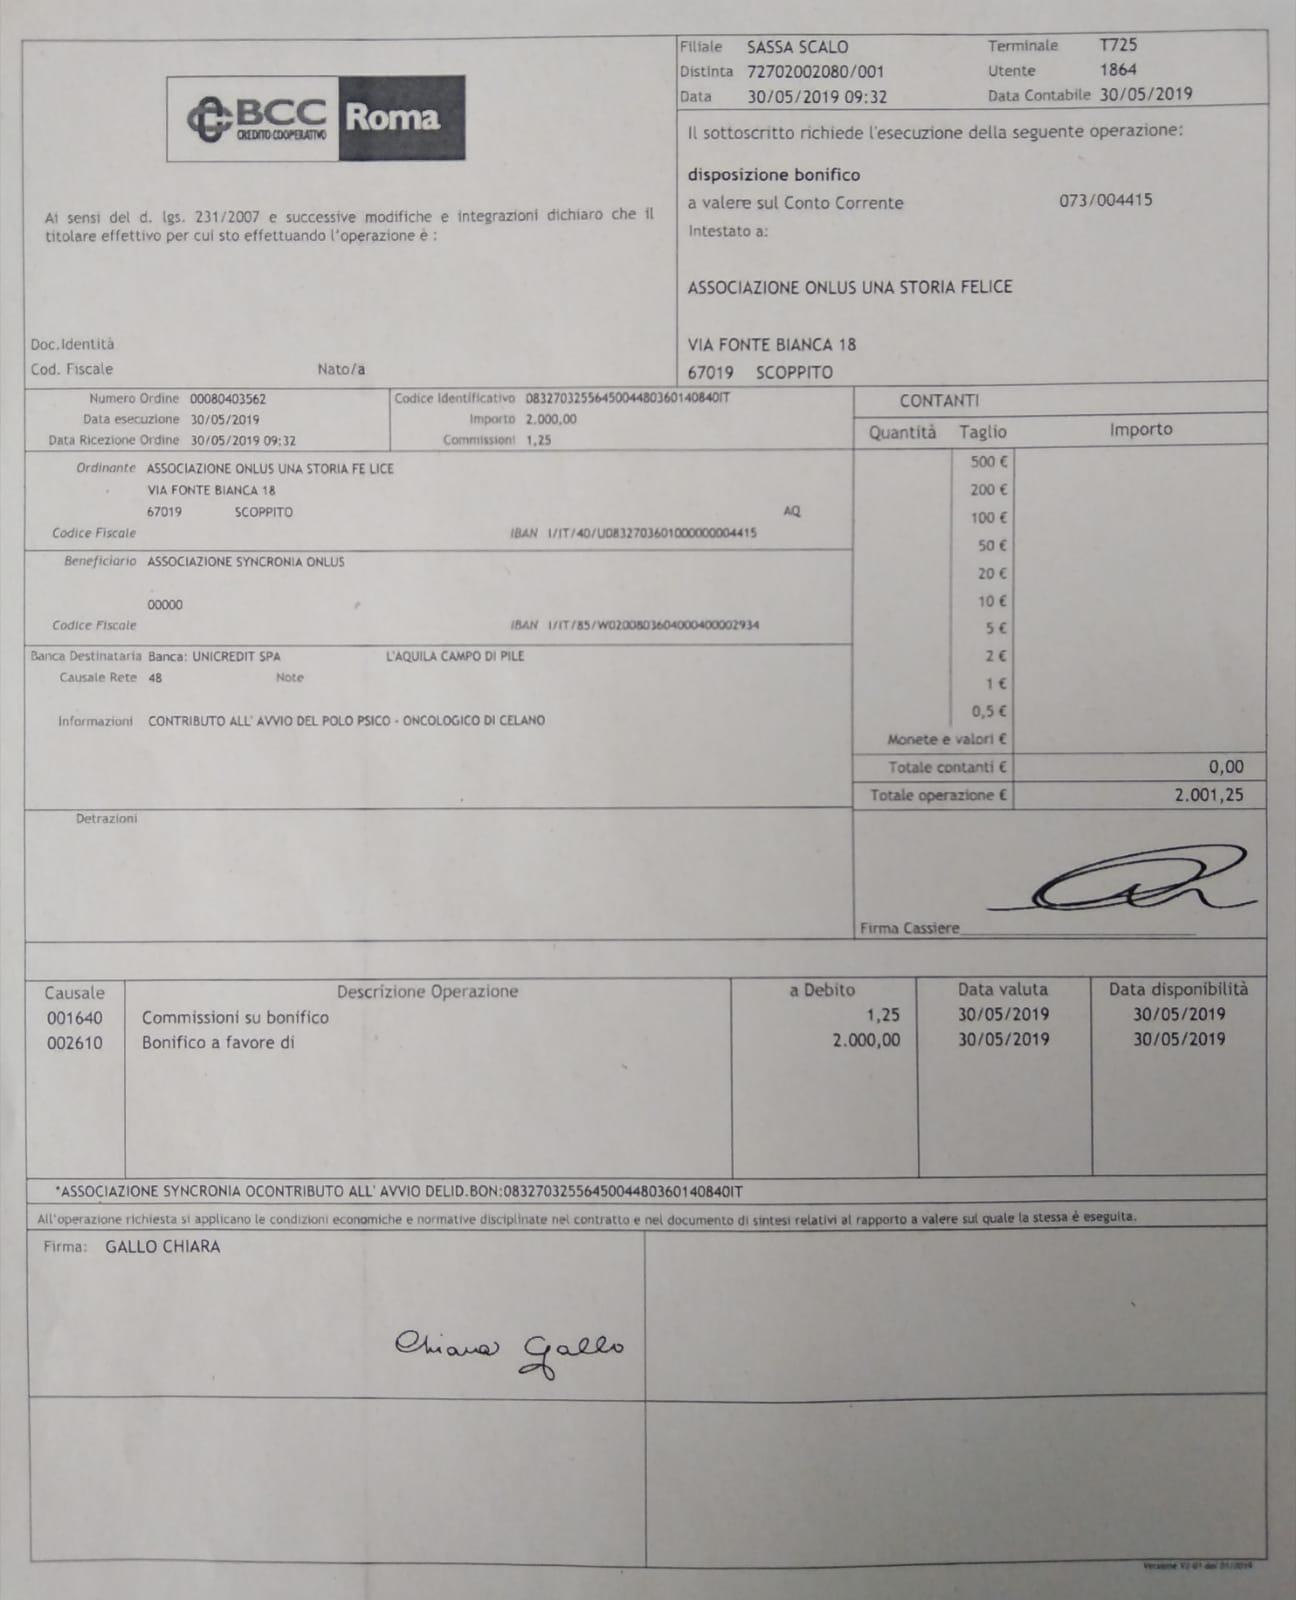 """Bonifico di 2.000€ all'associazione """"Syncronia"""" per il polo psiconcologo di Celano 30-5-2019"""